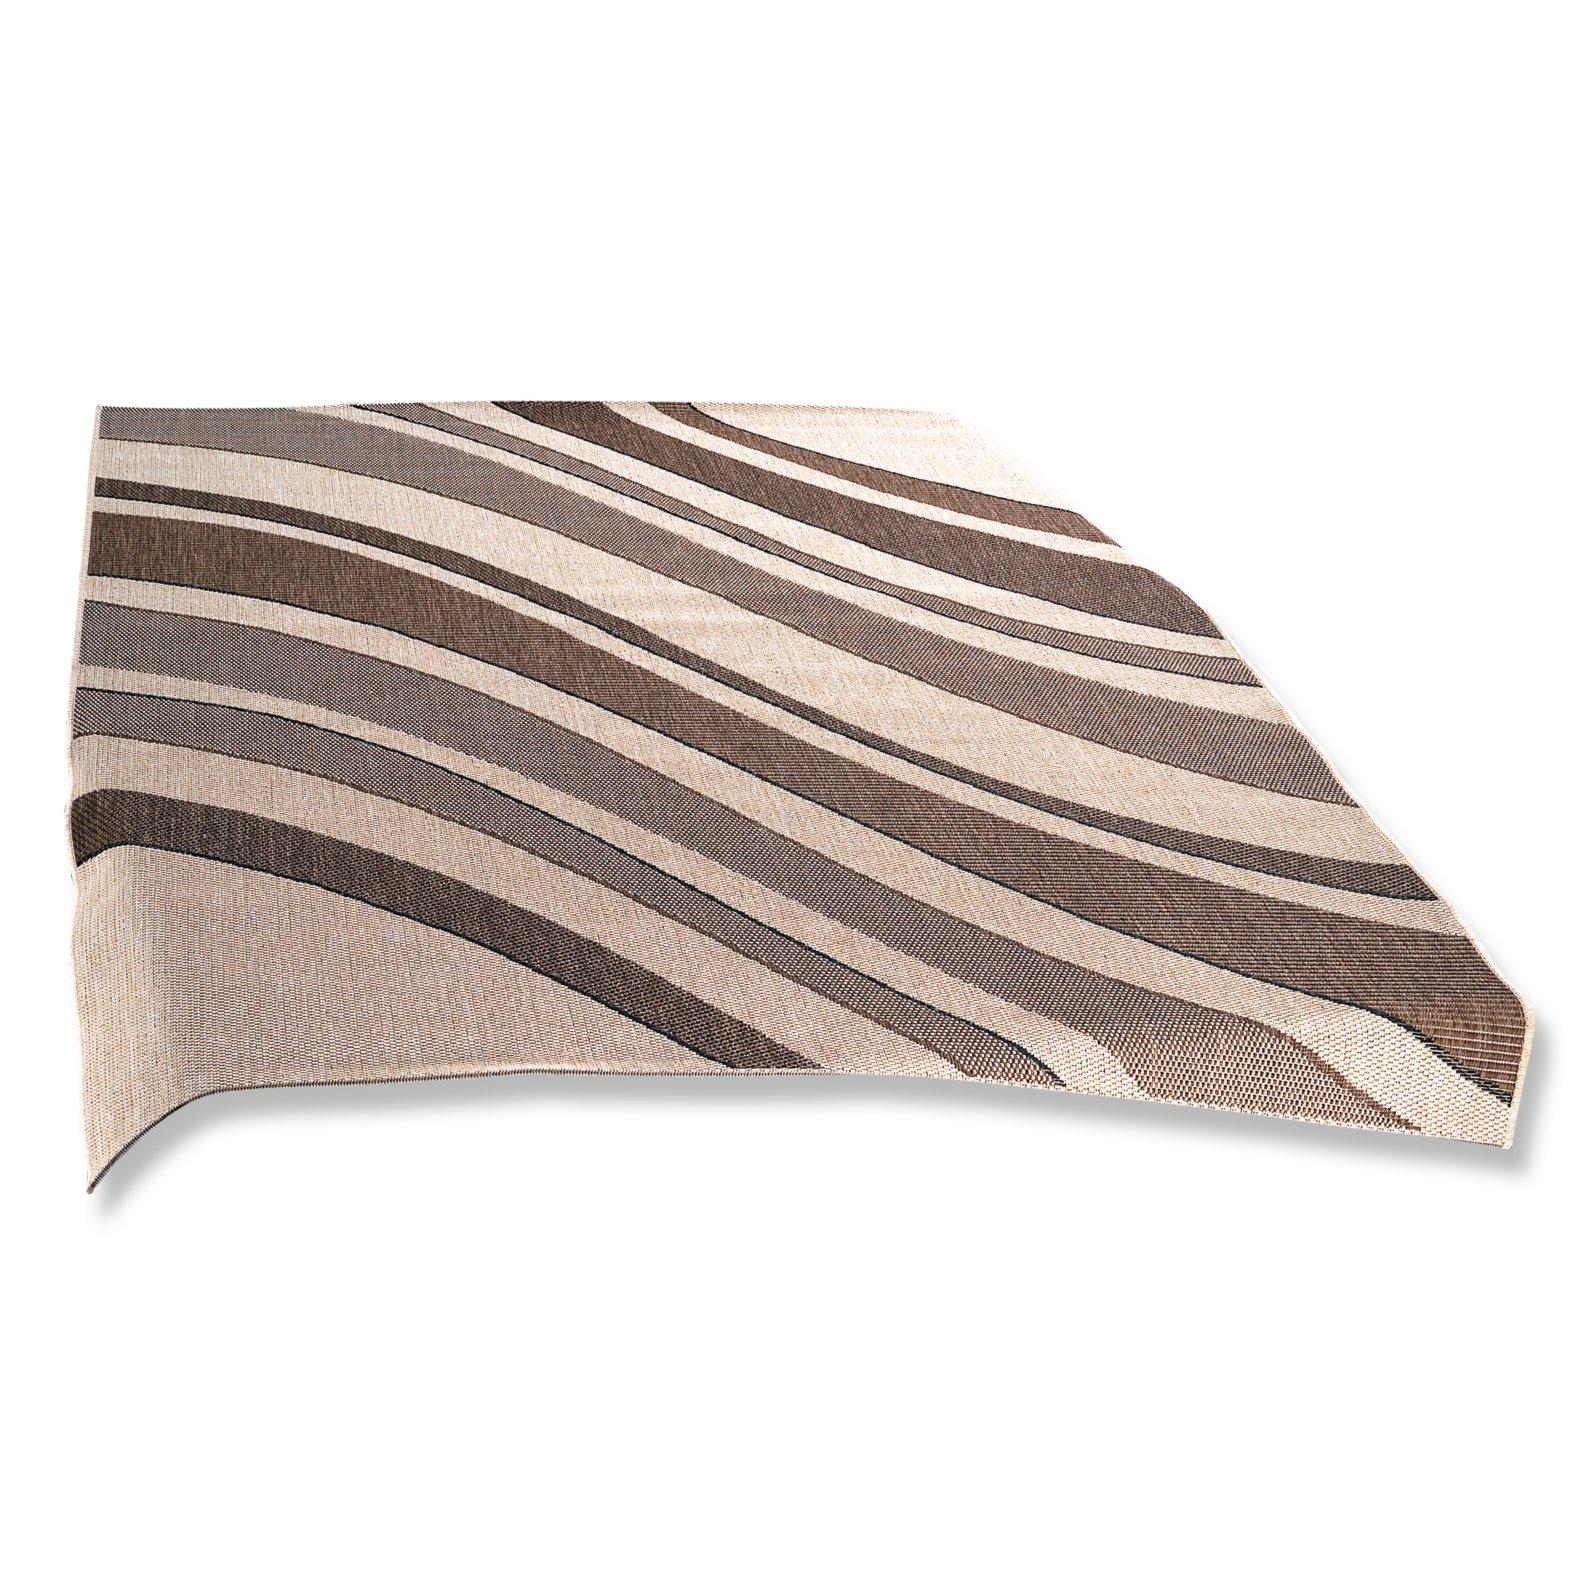 Teppich OSLO  beigebraun  Streifen  160×230 cm